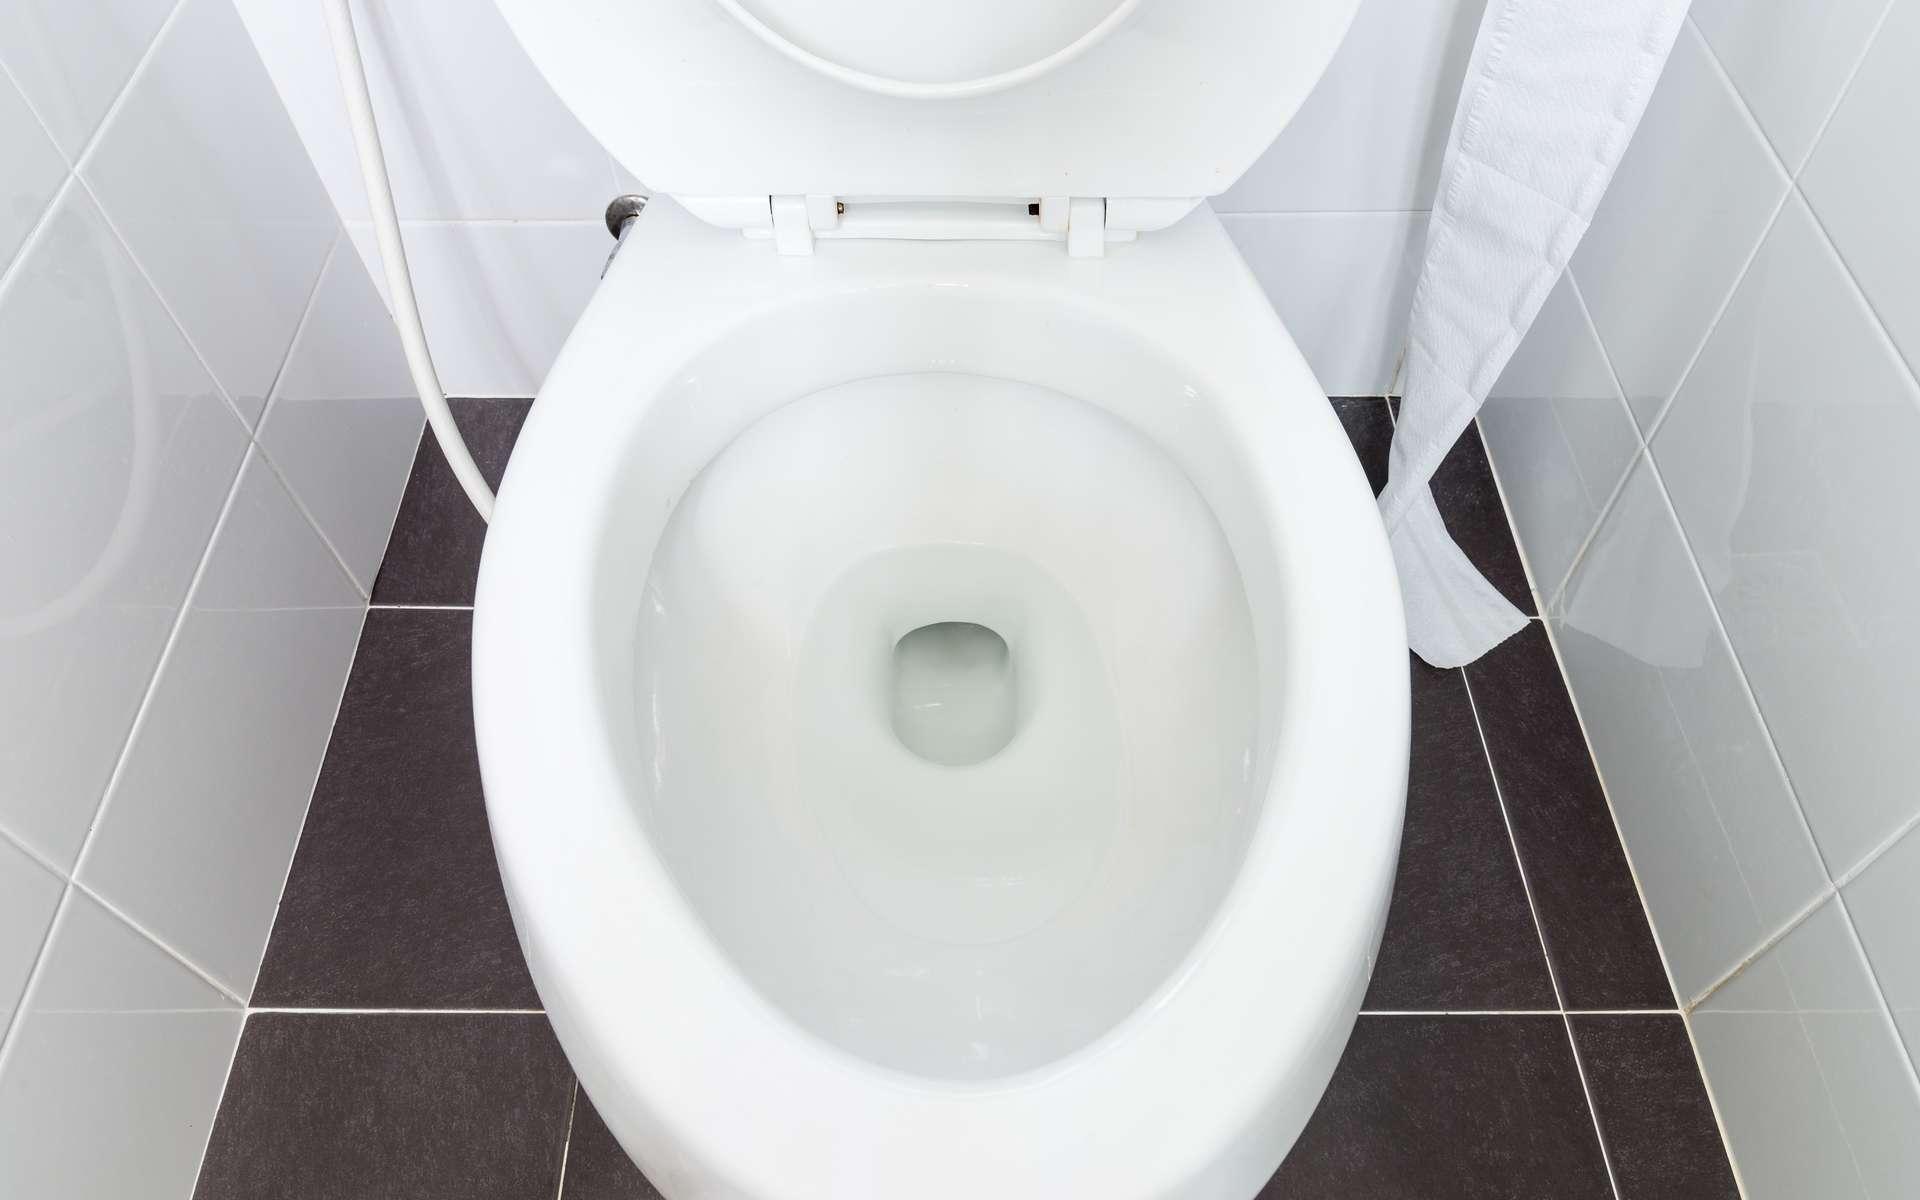 Quand l'intelligence artificielle s'invite aux toilettes